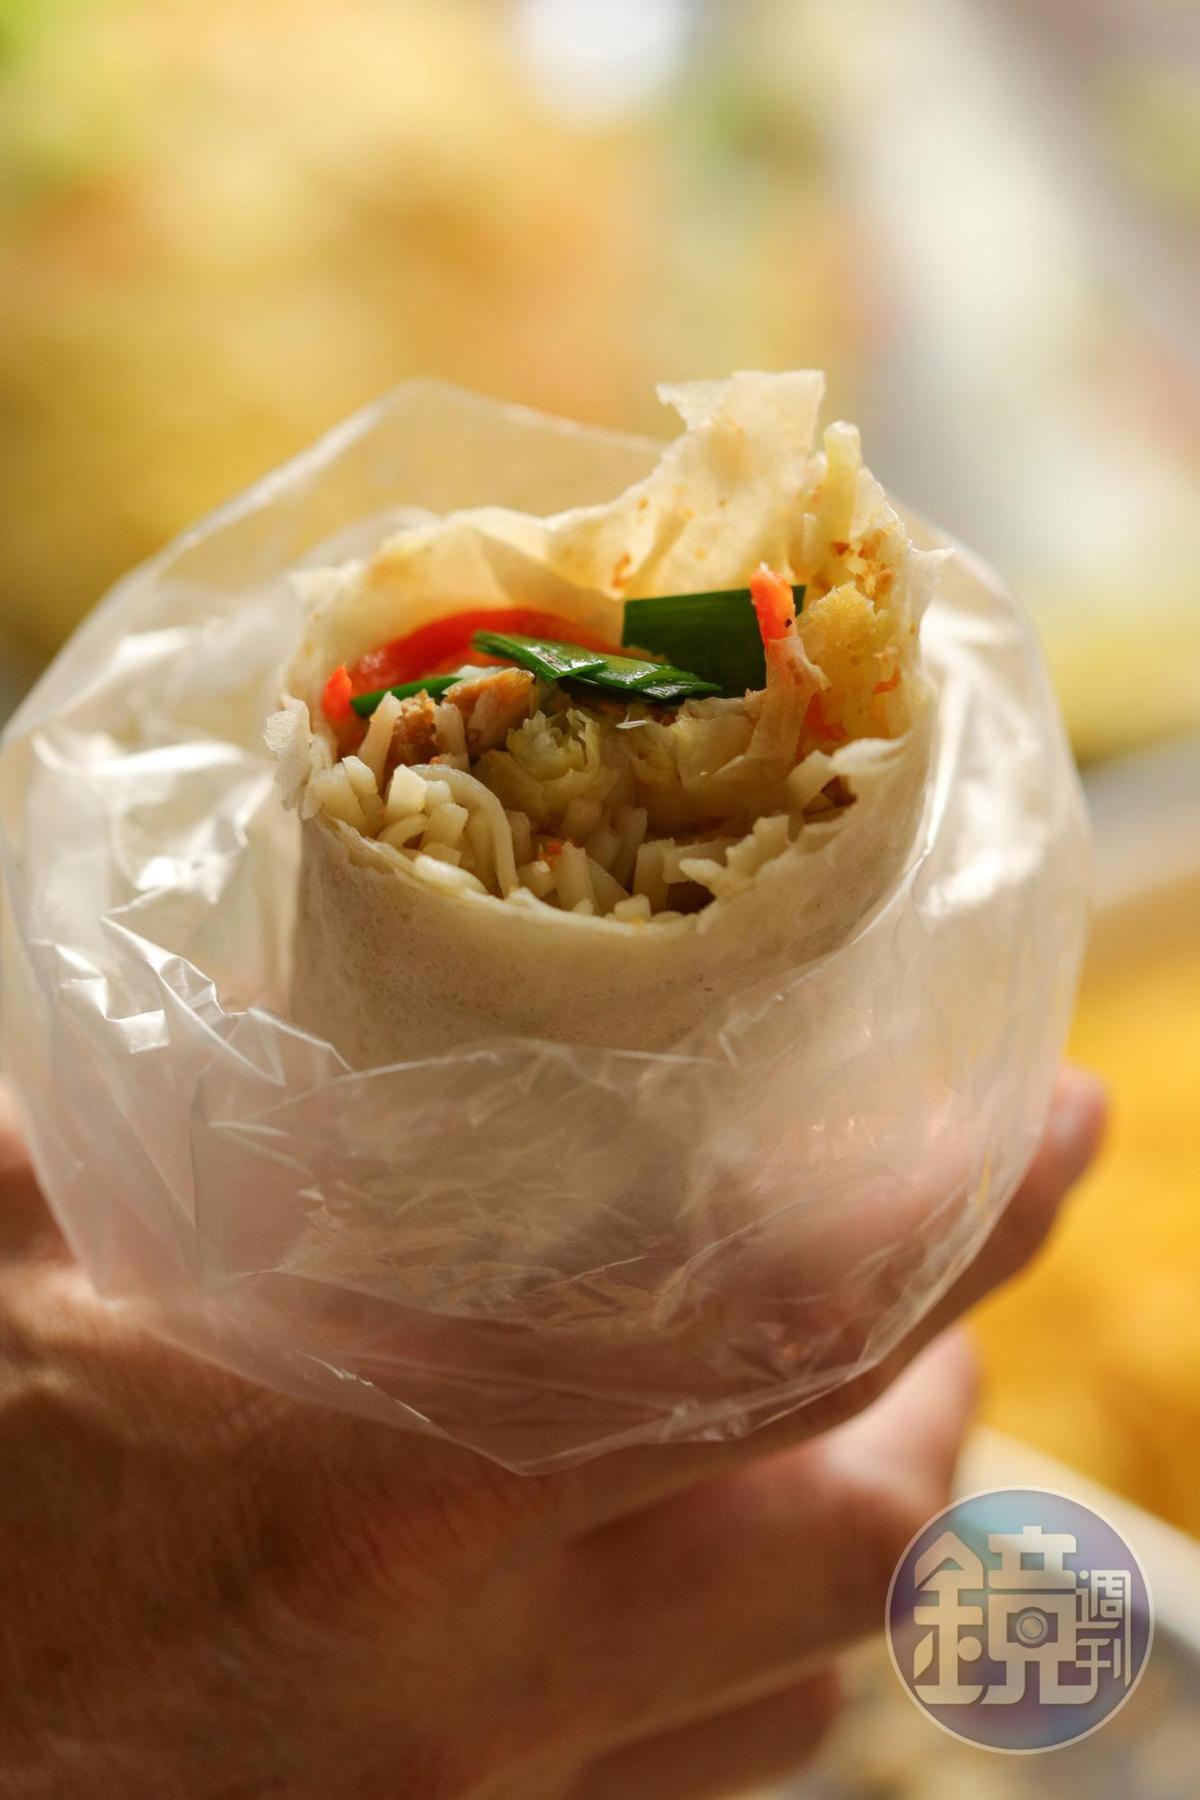 白河地區的「潤餅」會包入豆菜麵, 增加飽足感。(40元/卷)